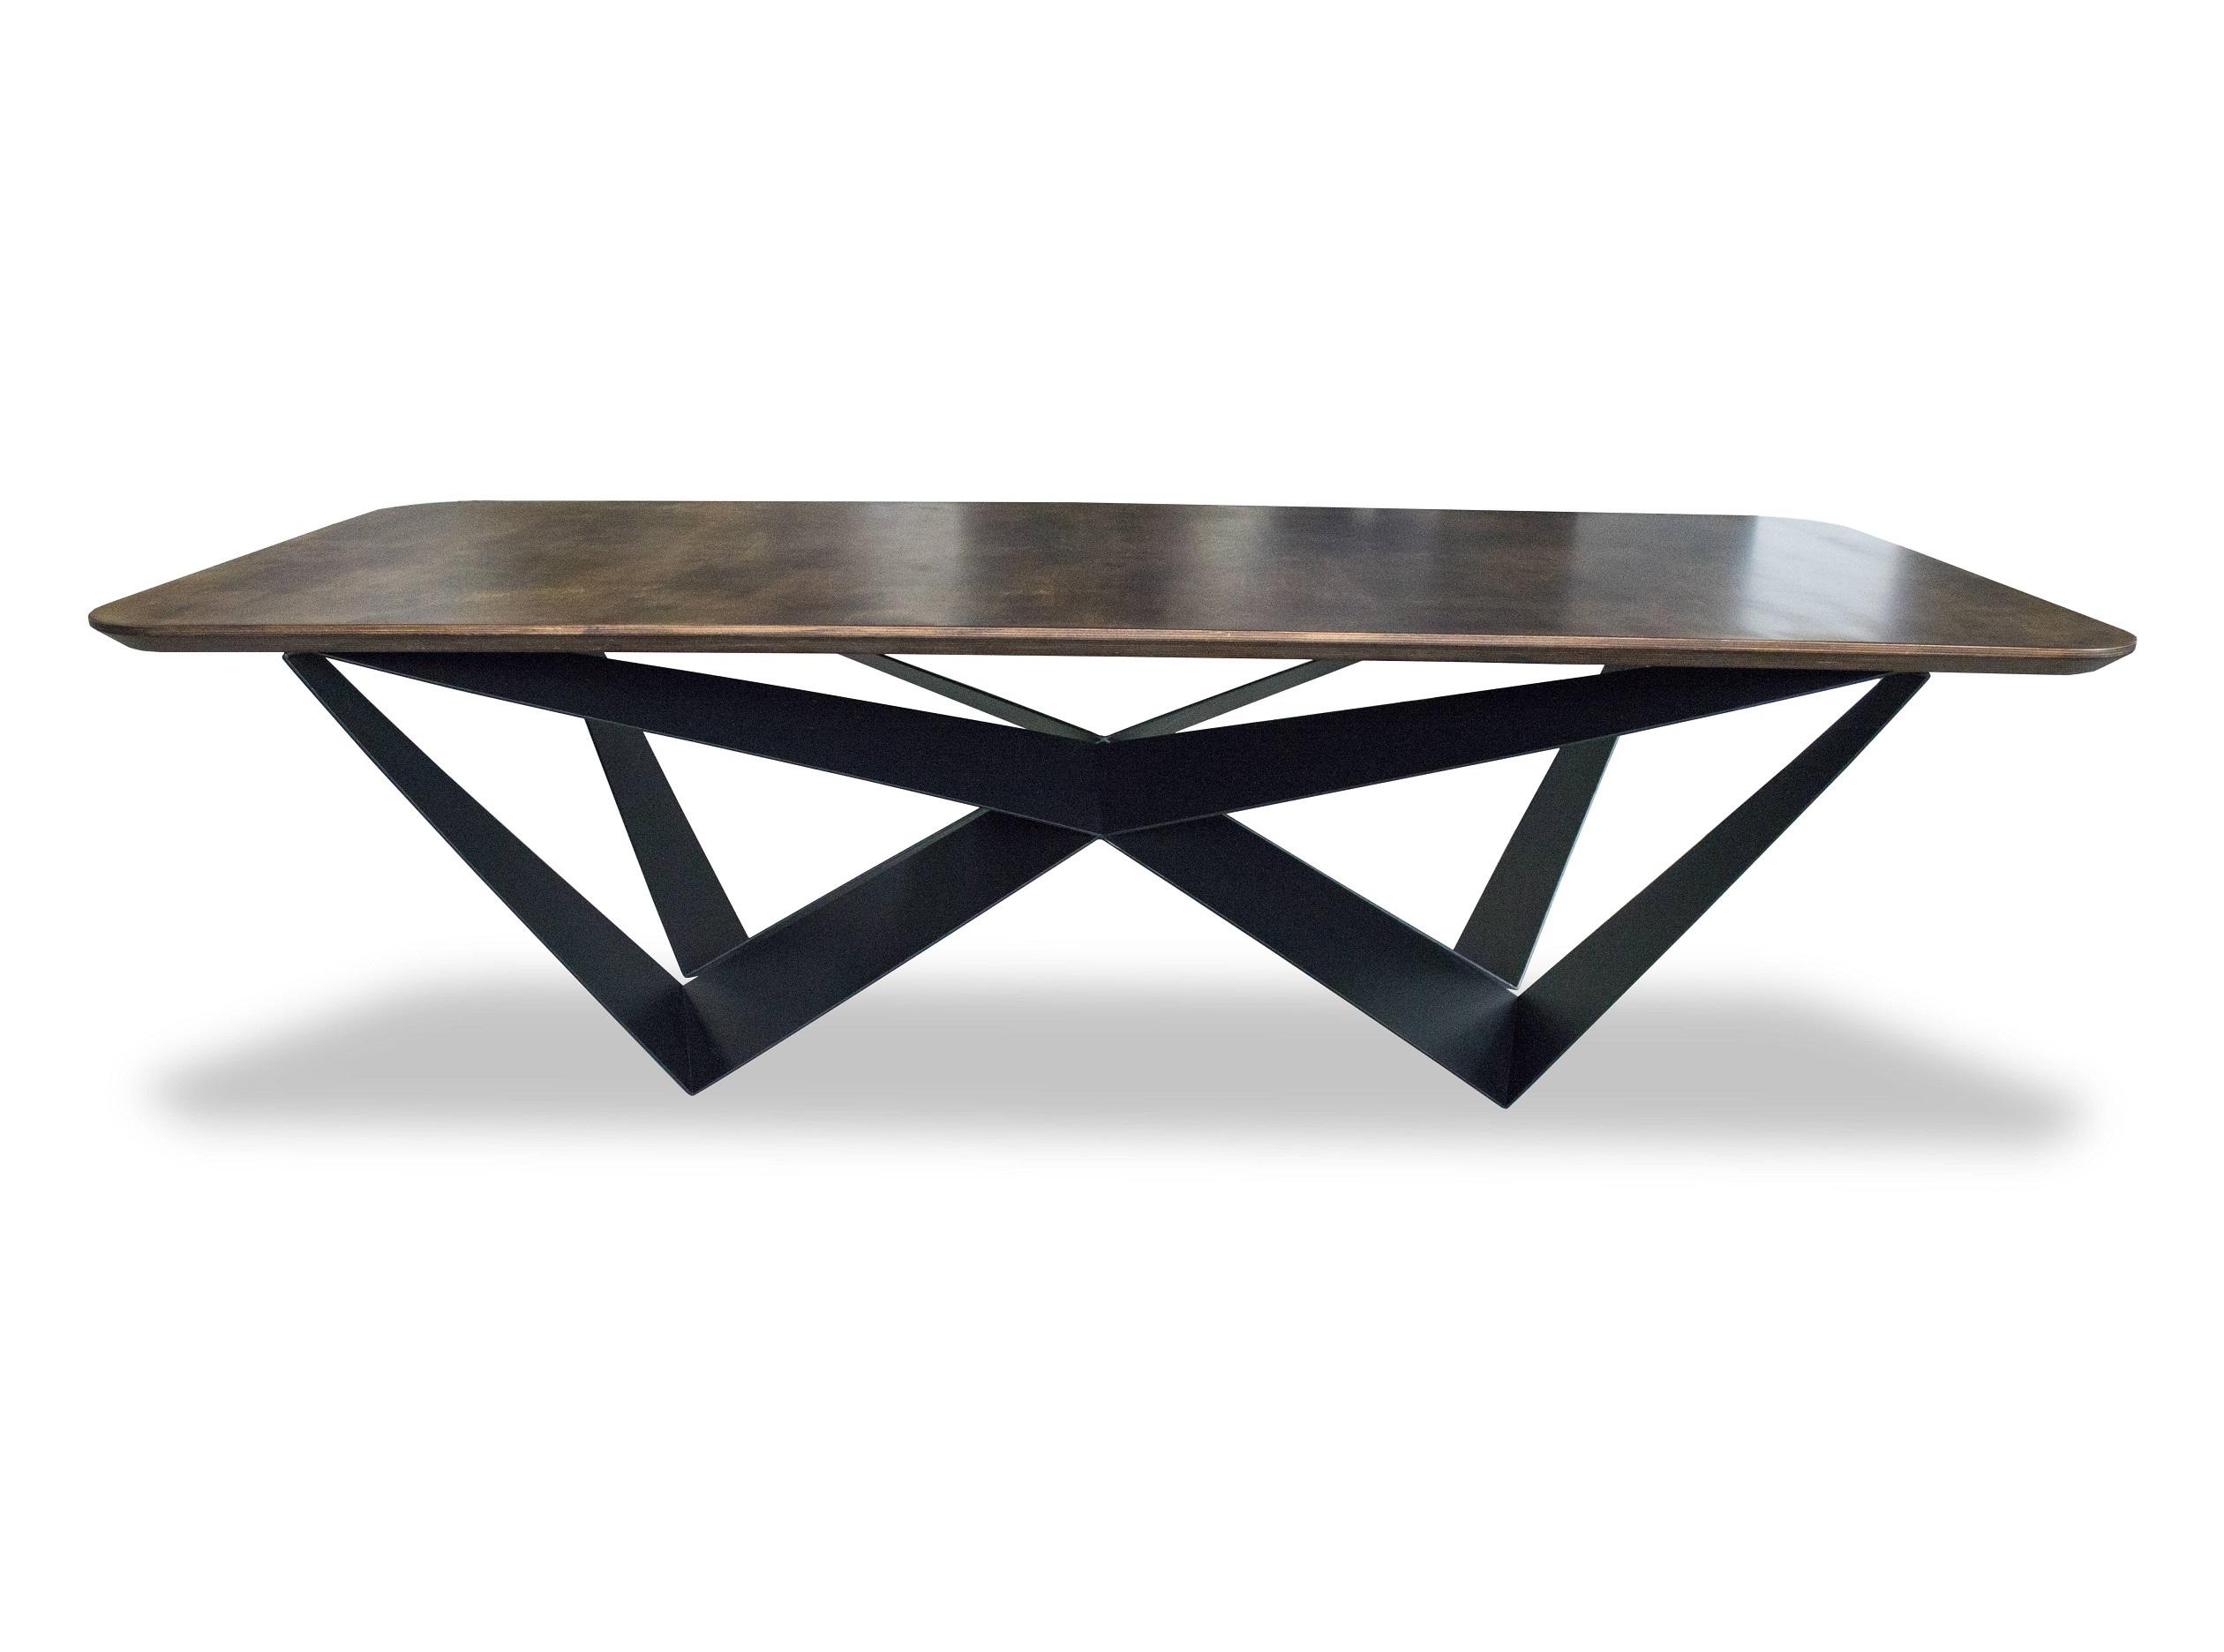 Стол ВutterflyОбеденные столы<br>Столешница покрыта берёзовым шпоном. Такой природный материал поразит глубиной своего рисунка и поможет отобразить истинный характер помещения, выполненного в направлении &amp;quot;Loft&amp;quot;.<br>Специфичные опоры стола изготовлены из цельного металлического листа.&amp;lt;div&amp;gt;&amp;lt;br&amp;gt;&amp;lt;/div&amp;gt;&amp;lt;div&amp;gt;Варианты расцветок: венге, белый&amp;lt;/div&amp;gt;<br><br>Material: Фанера<br>Ширина см: 180<br>Высота см: 75<br>Глубина см: 90